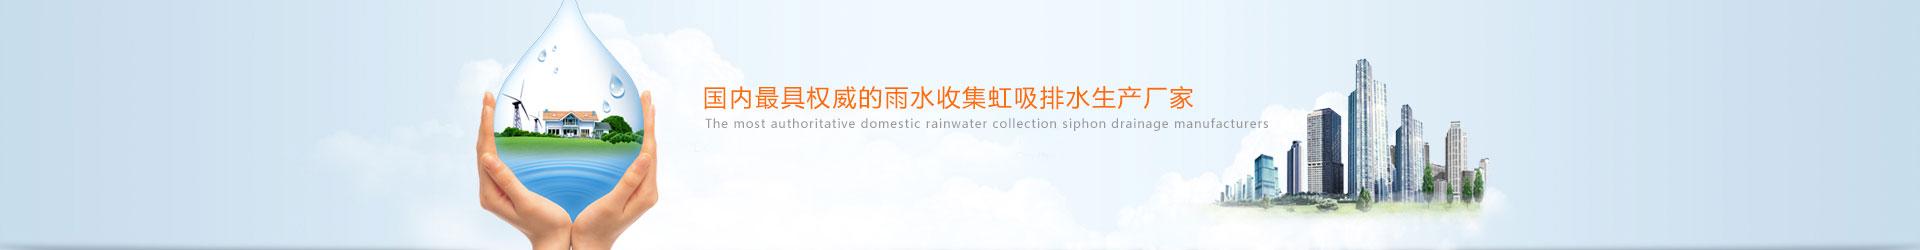 屋面虹吸排水系统